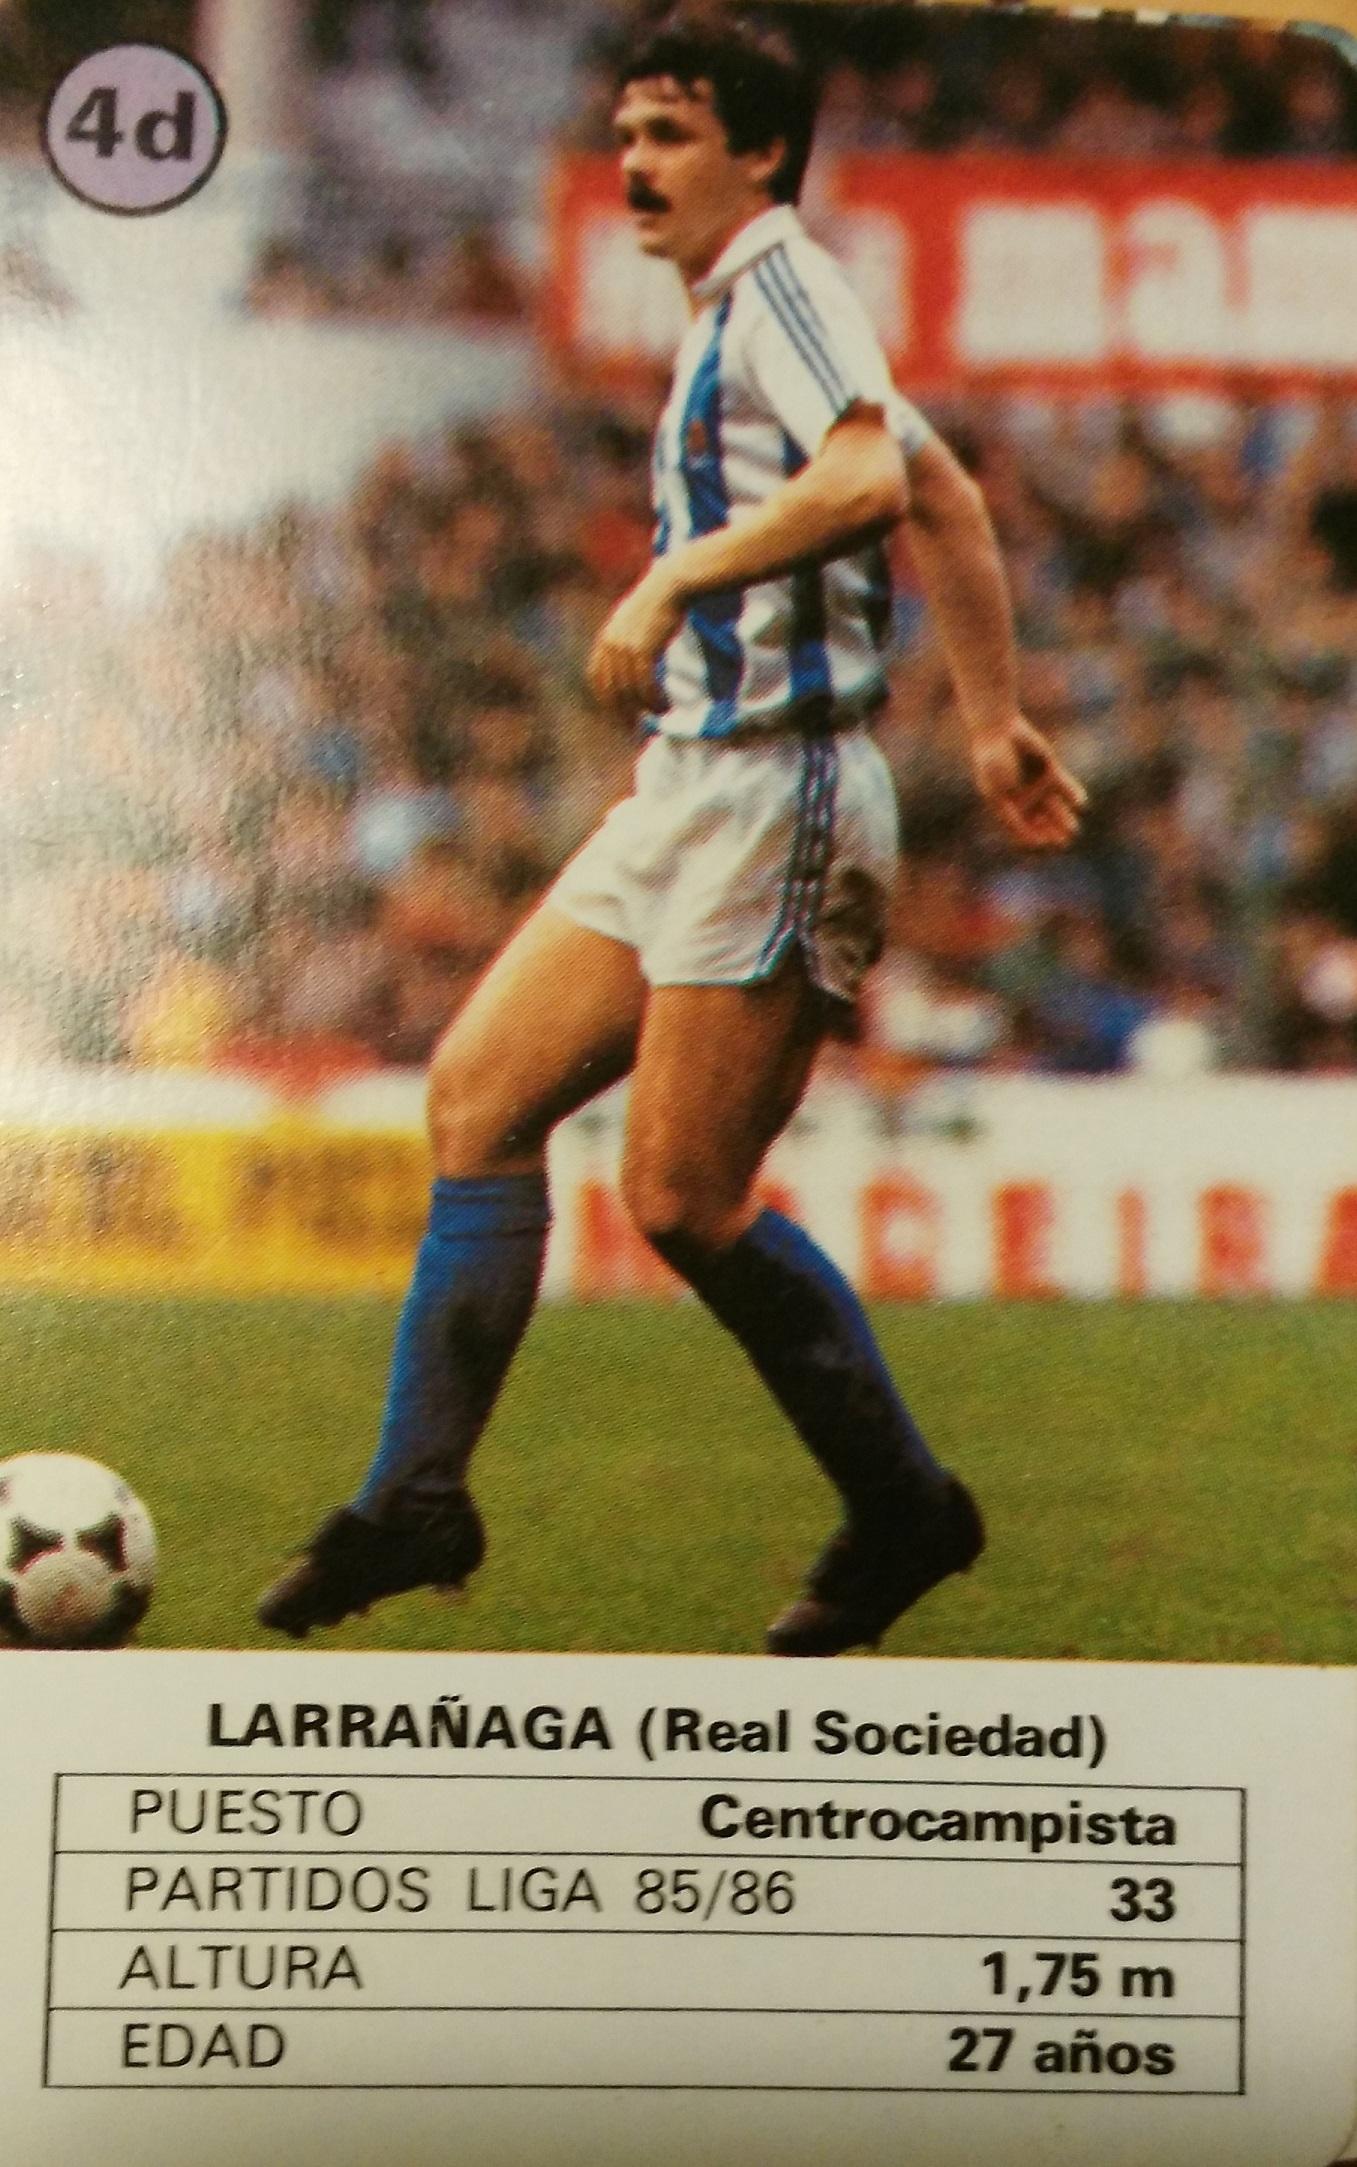 Naipe de Larrañaga correspondiente a la temporada 85/86 (Heraclio Fournier).